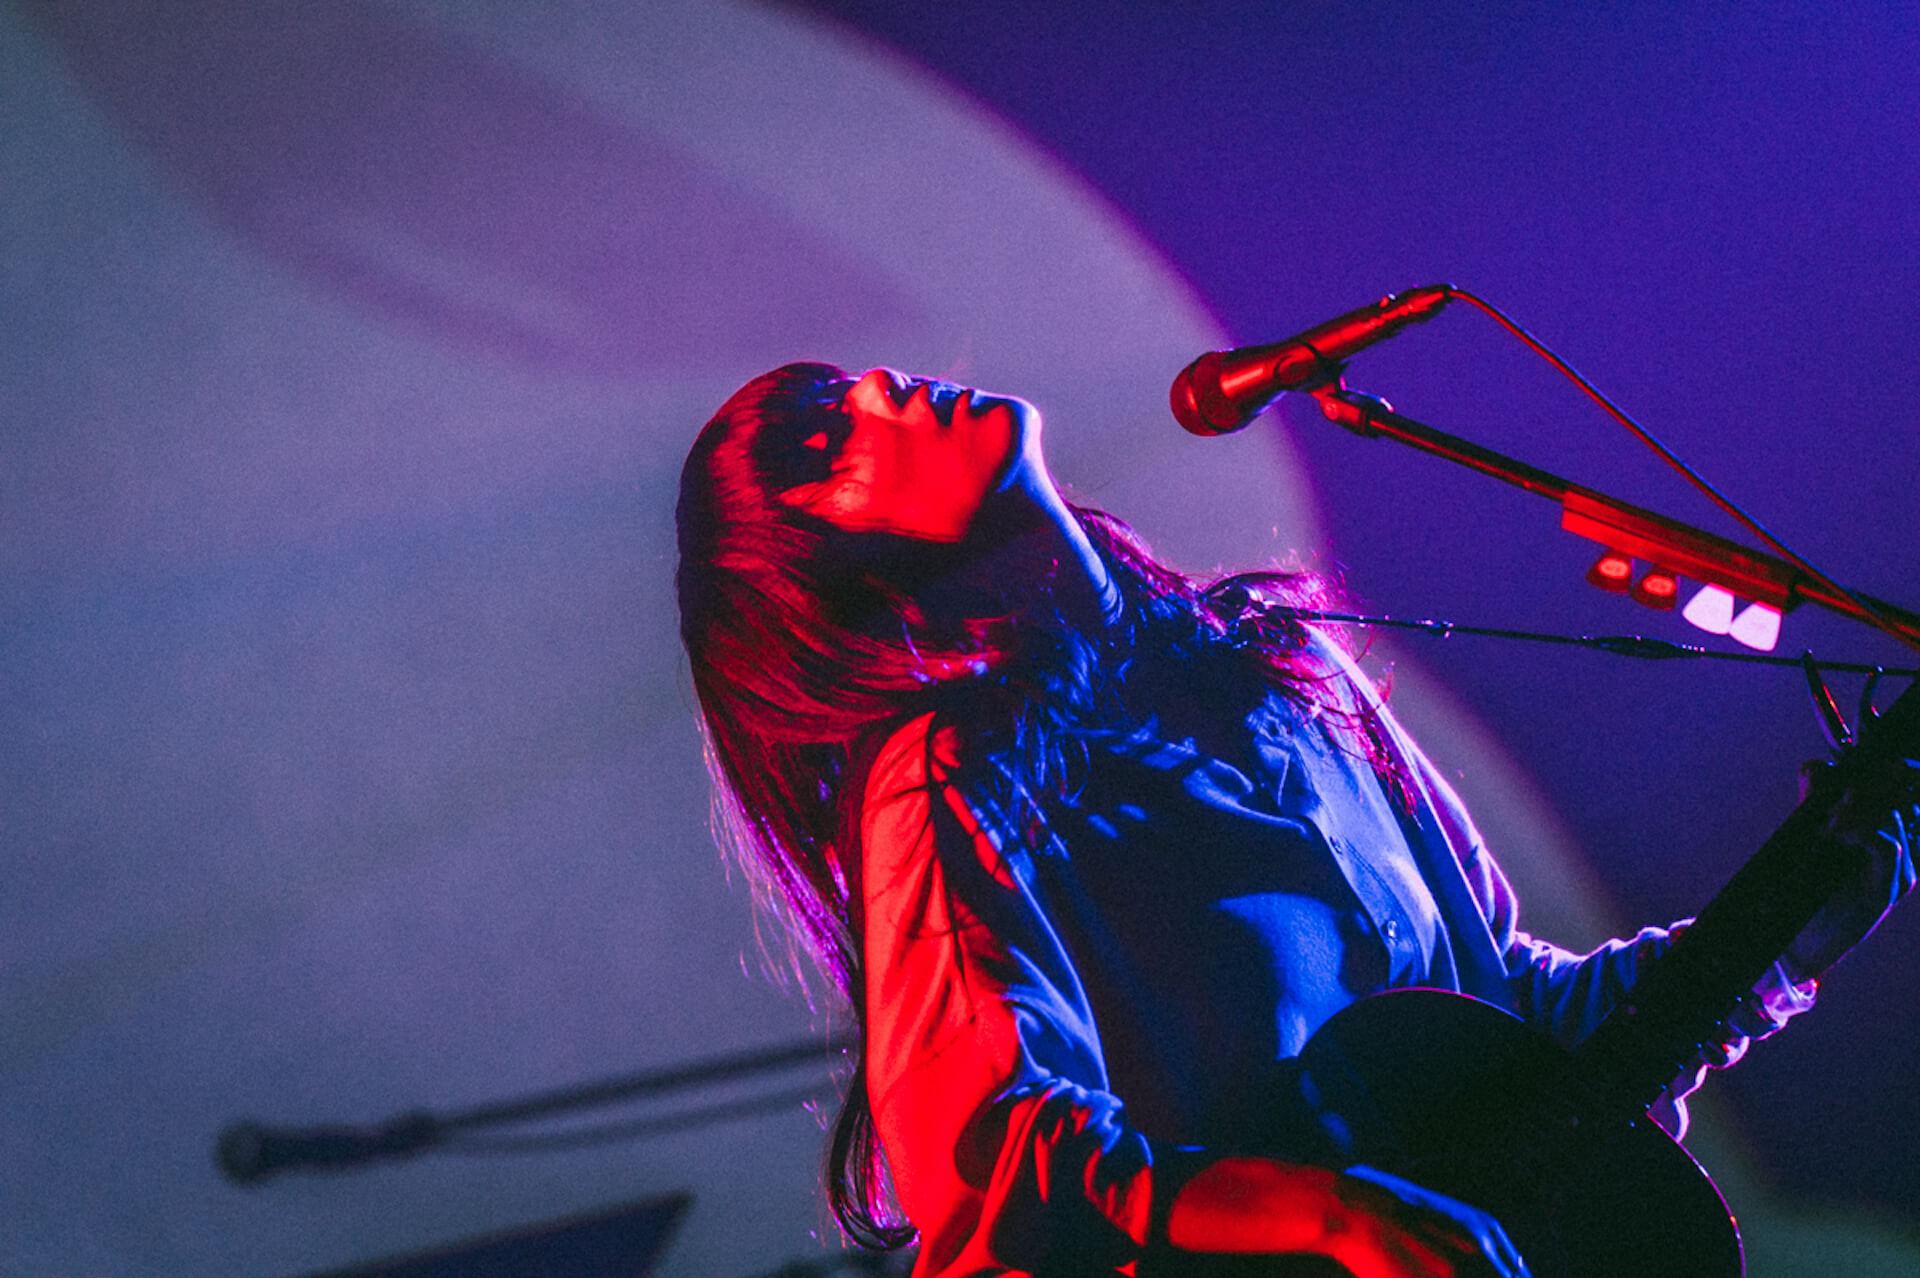 13,000人が大熱狂!あいみょん<AIMYON TOUR 2019 -SIXTH SENSE STORY->最終公演のライブレポートが到着 music191219_aimyon_live_4